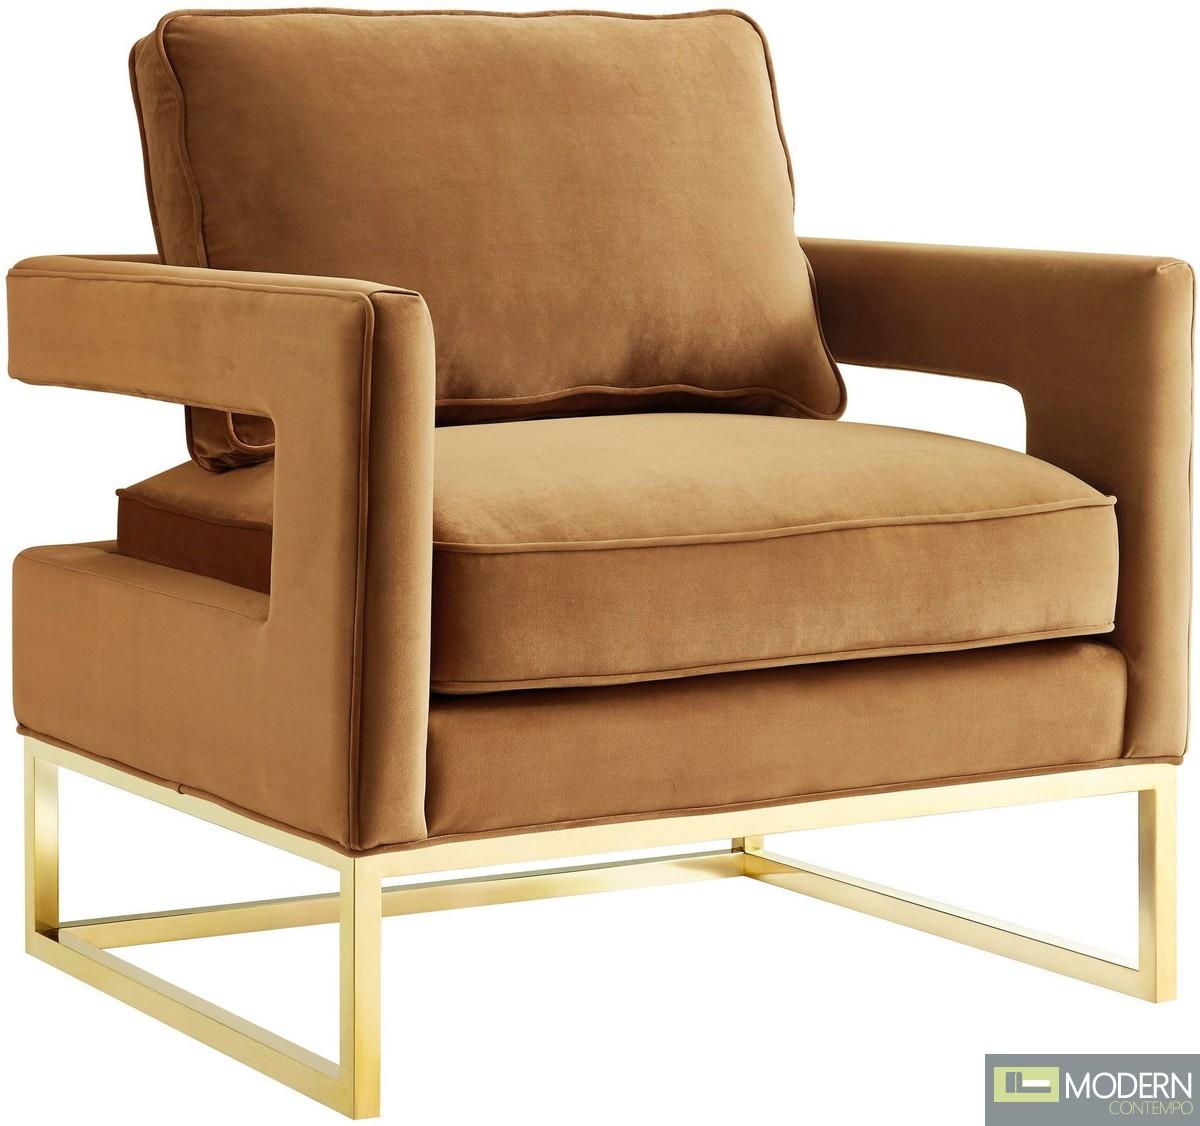 Athene Velvet Chair in Desert Sand & gold